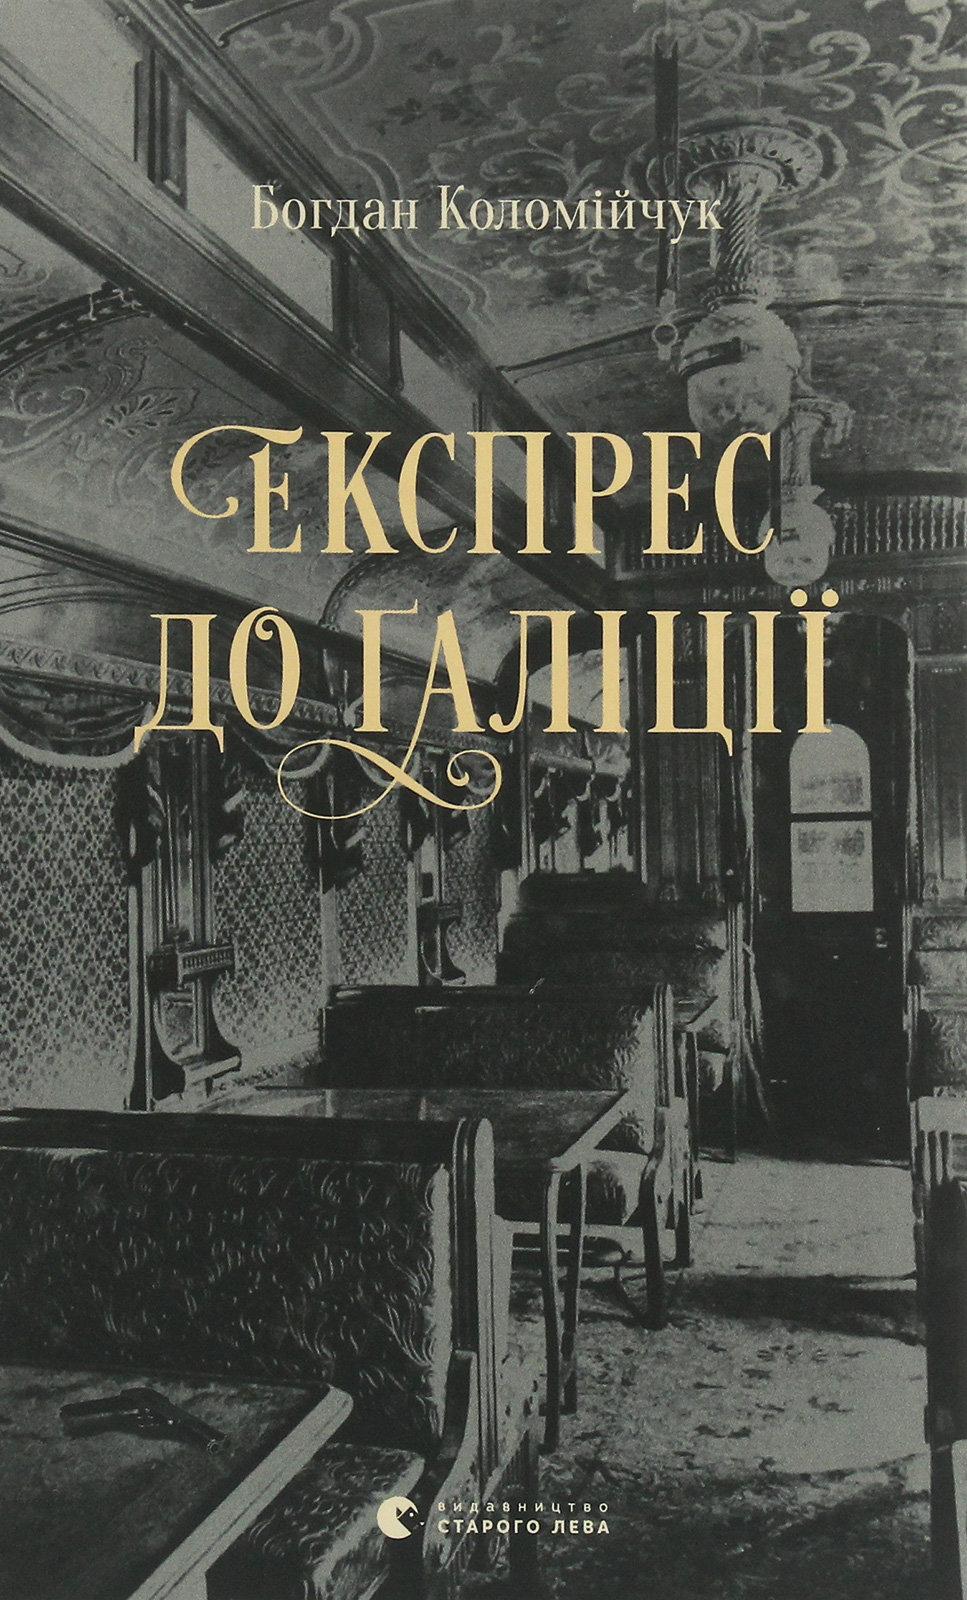 """Днепрянам на заметку: 7 книг украинских писателей, которые """"переворачивают мир с ног на голову"""" , фото-2"""